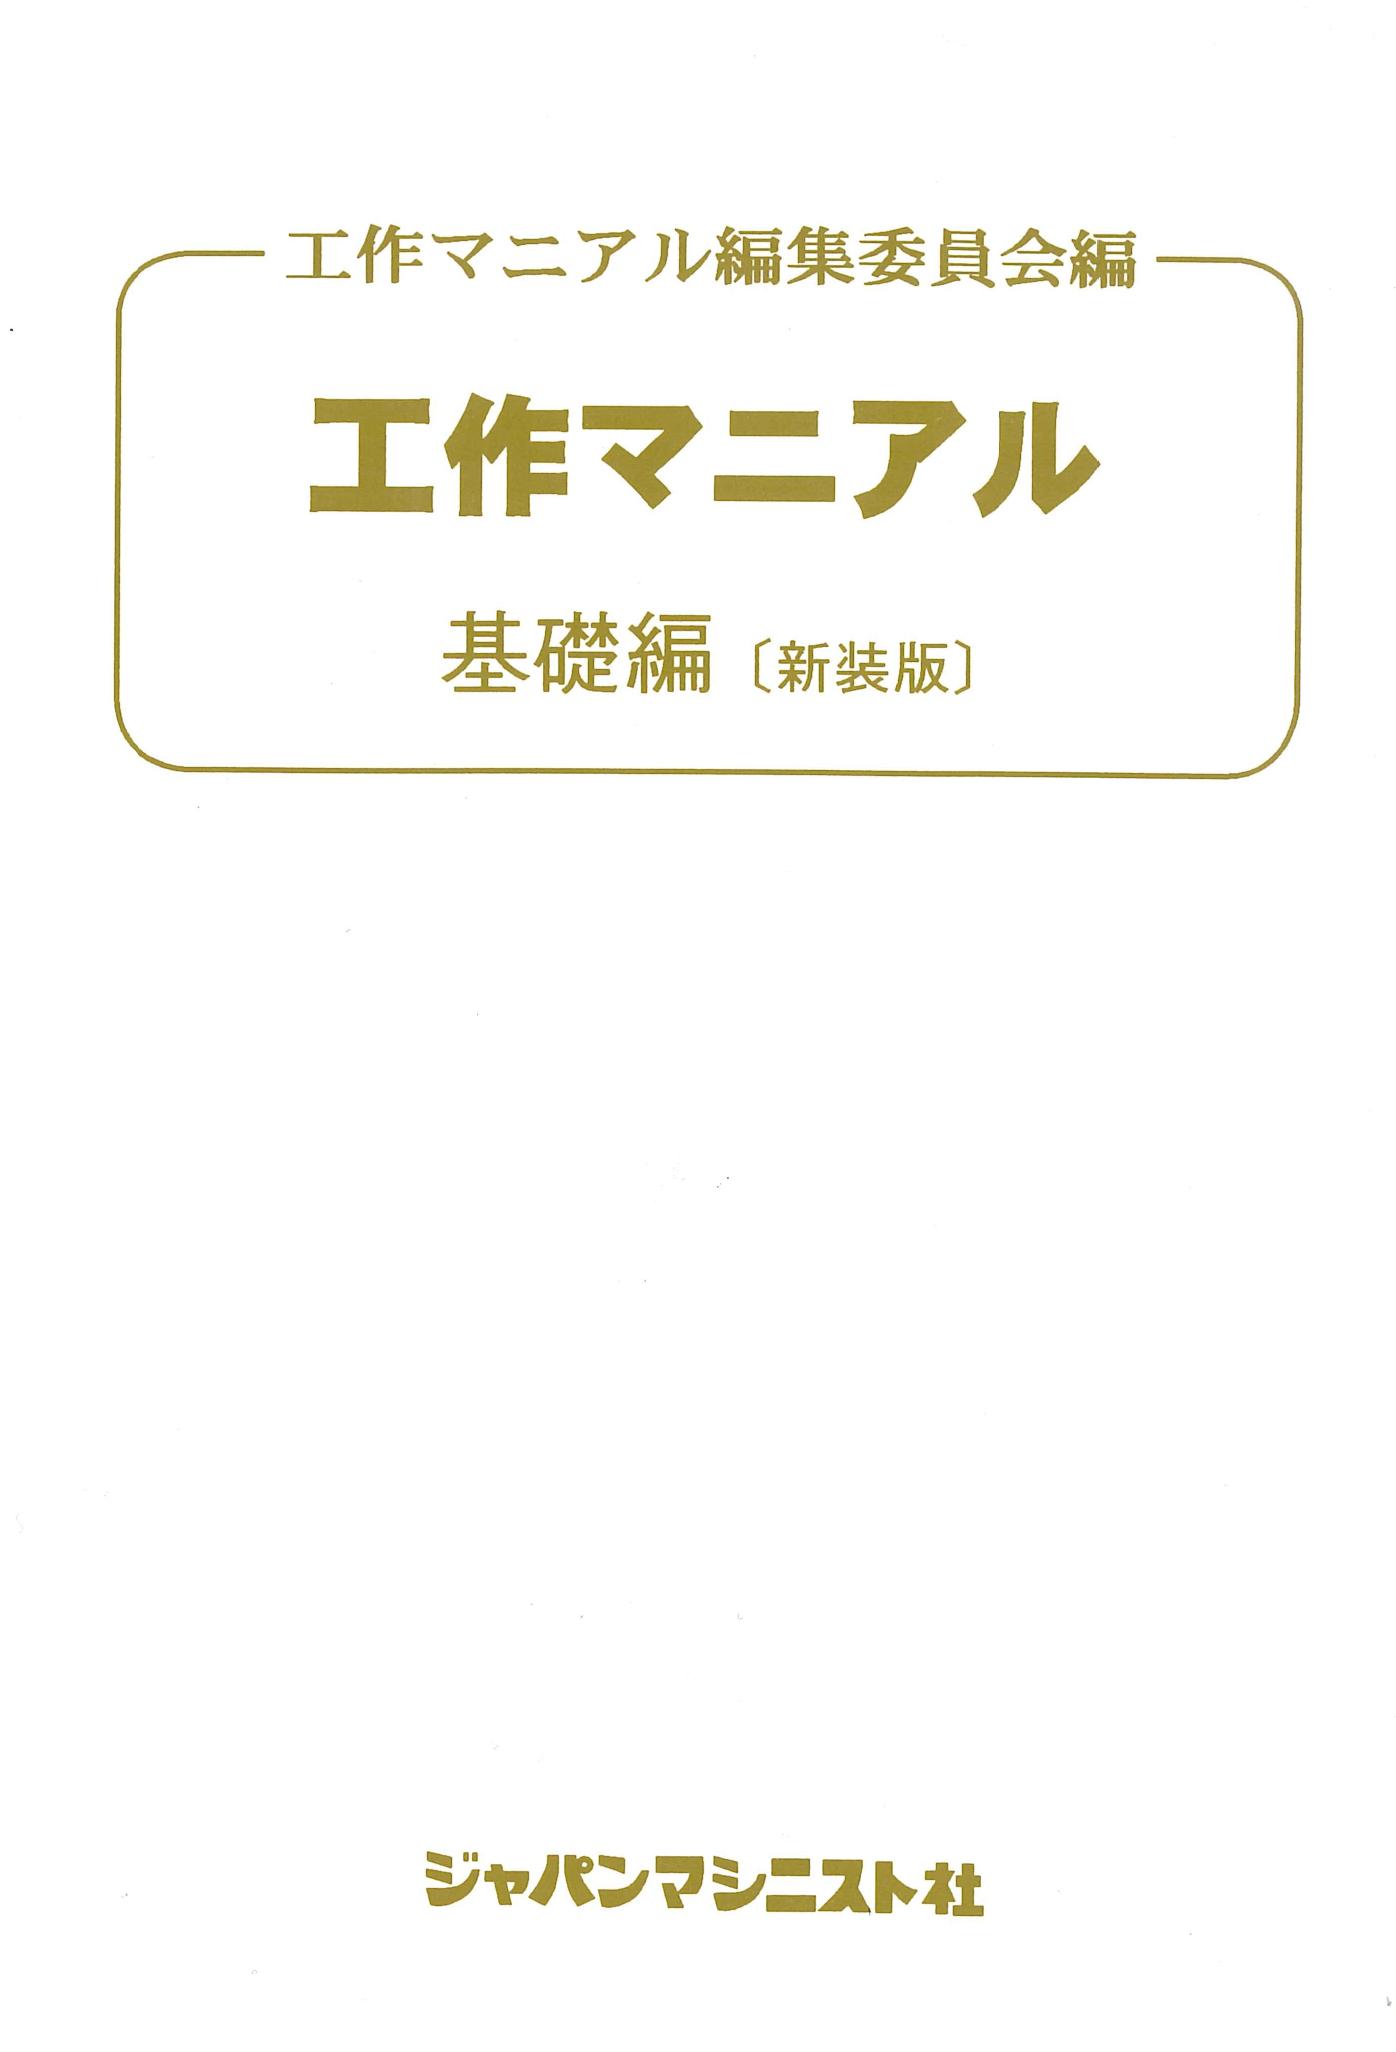 工作マニアル 基礎編